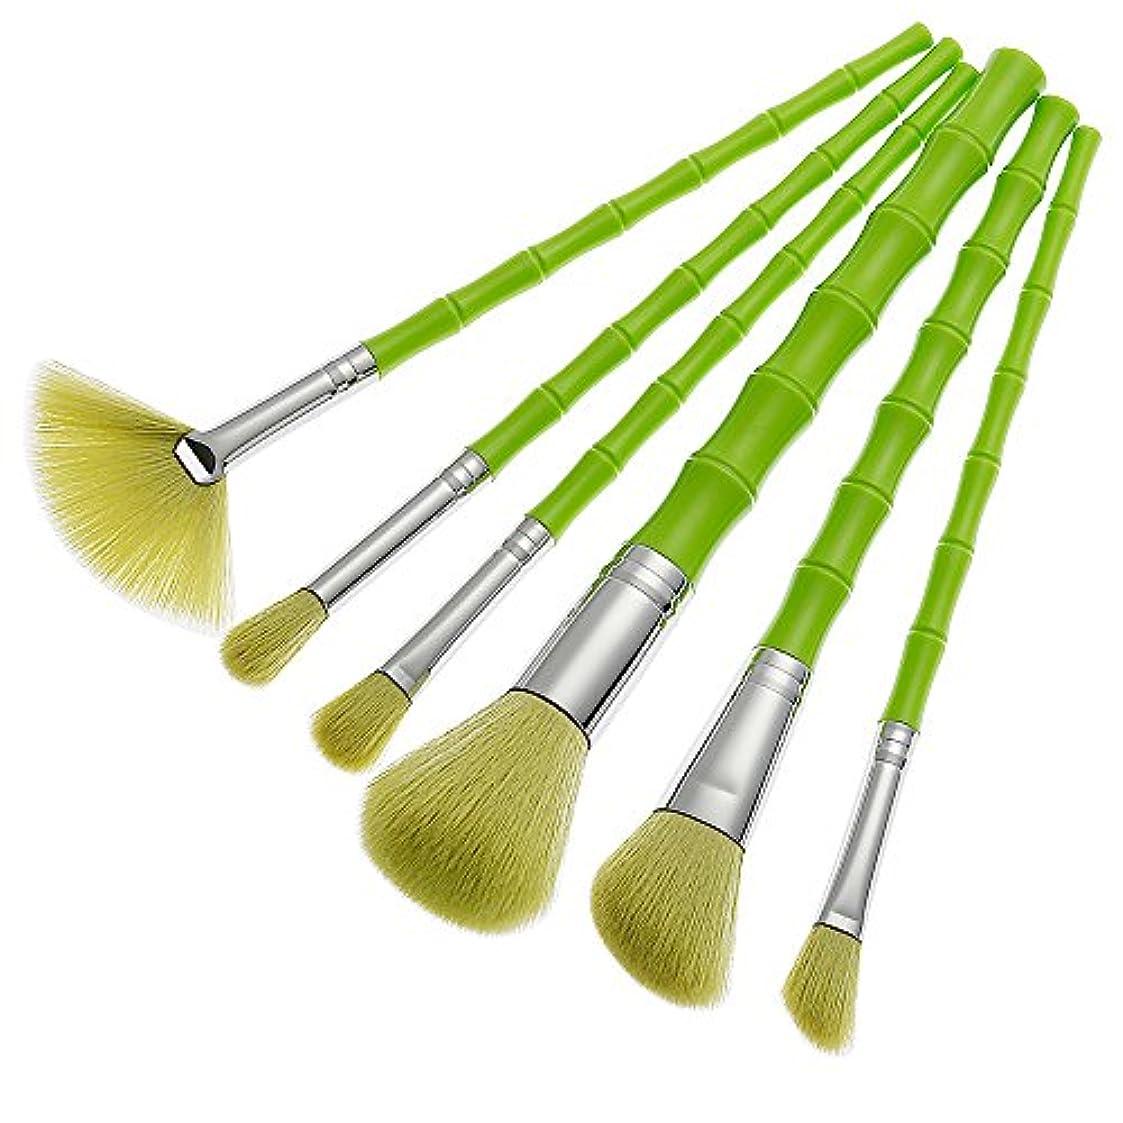 栄光のオン水銀の(プタス)Putars メイクブラシ メイクブラシセット 6本セット 竹模様 グリーン 化粧ブラシ ふわふわ お肌に優しい 毛量たっぷり メイク道具 プレゼント